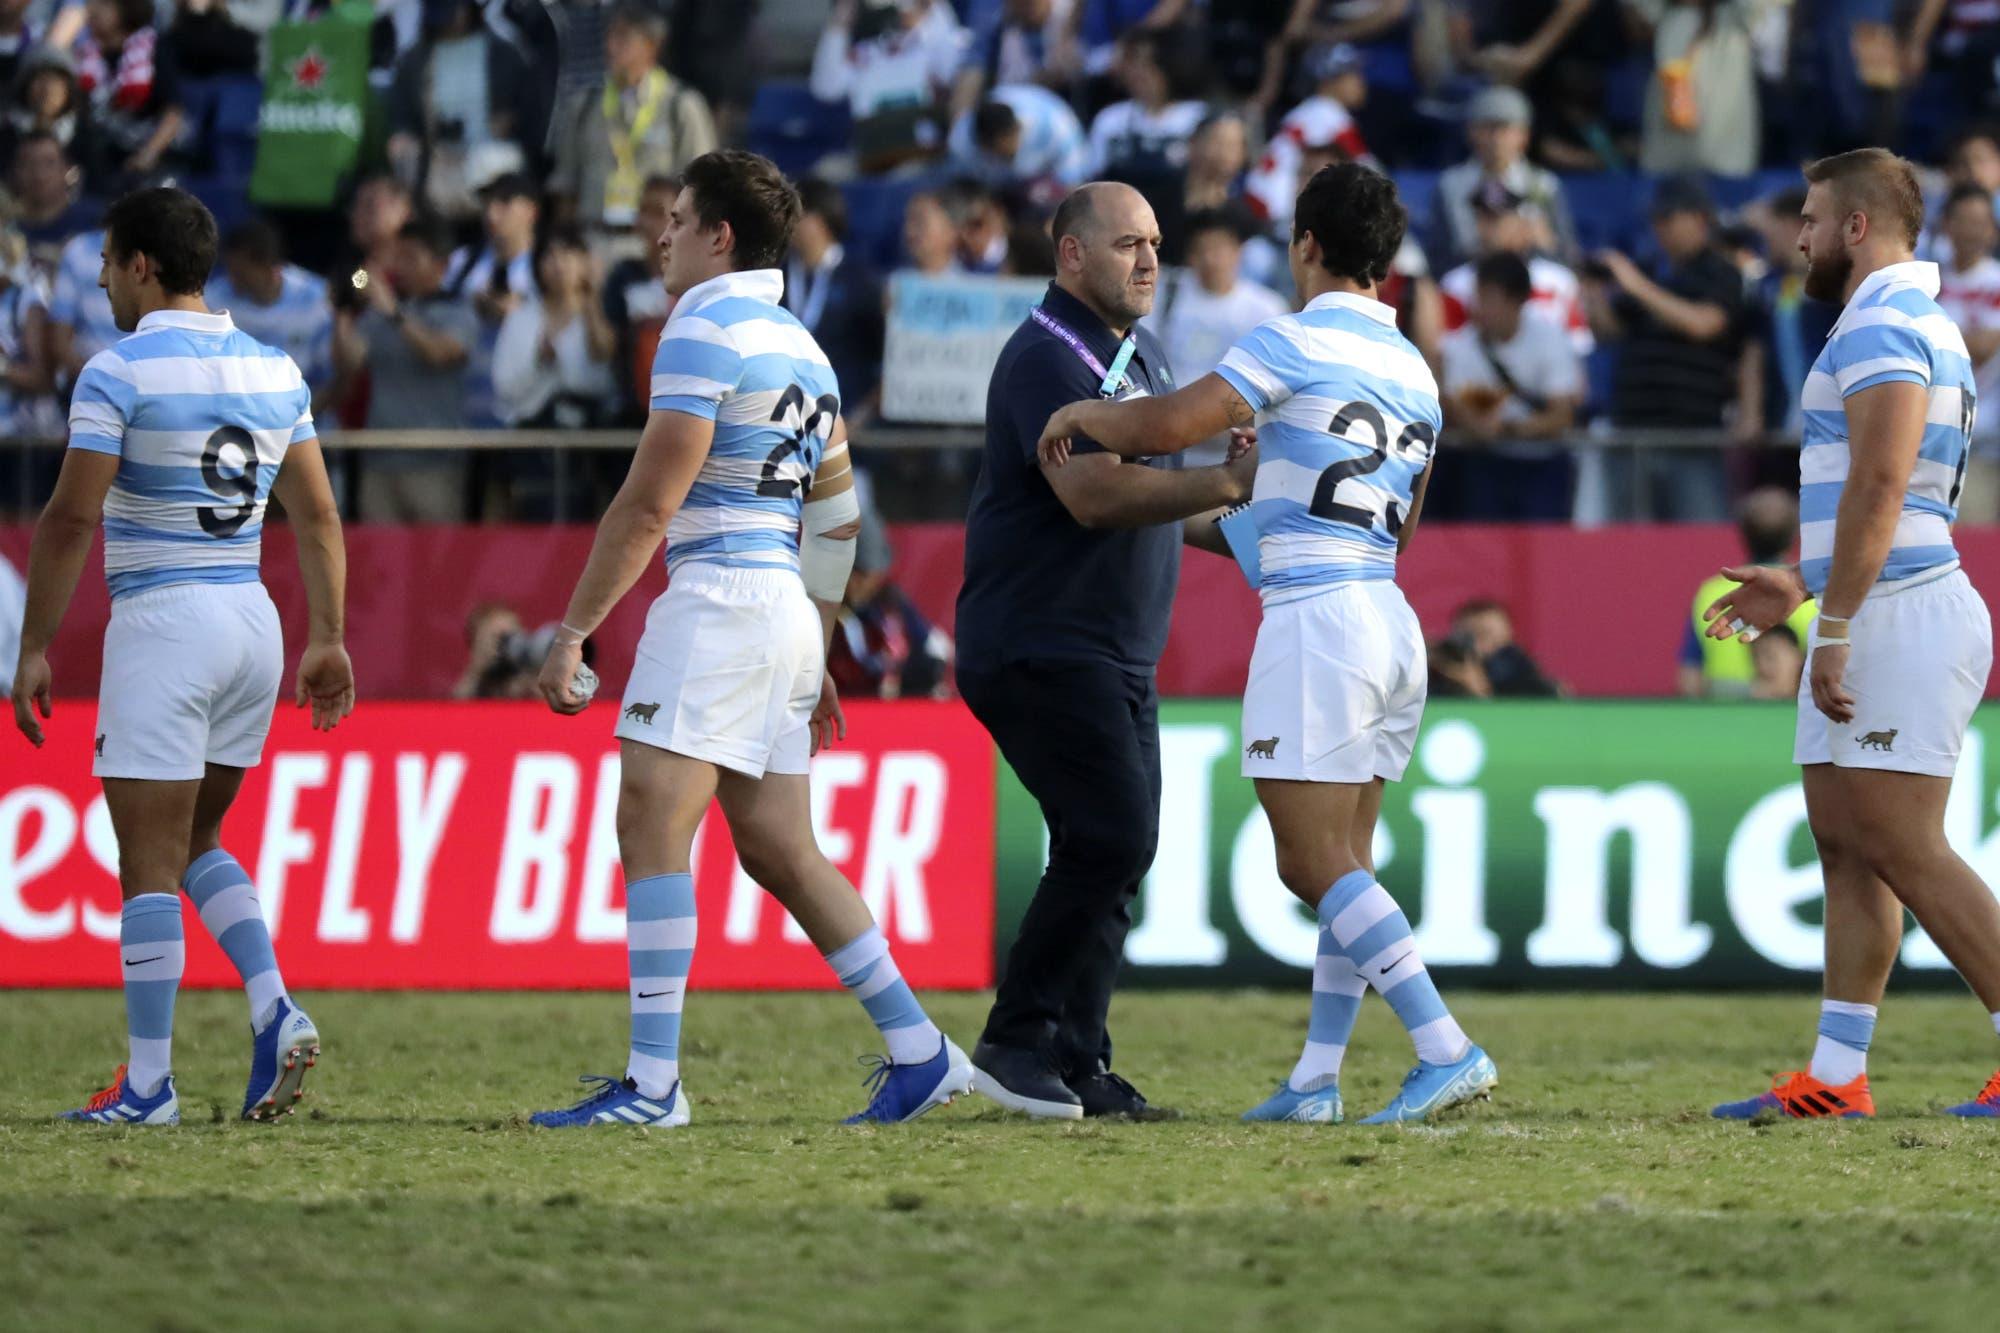 Mundial de rugby. El futuro de los Pumas: un paréntesis extenso y un fuerte recambio por delante